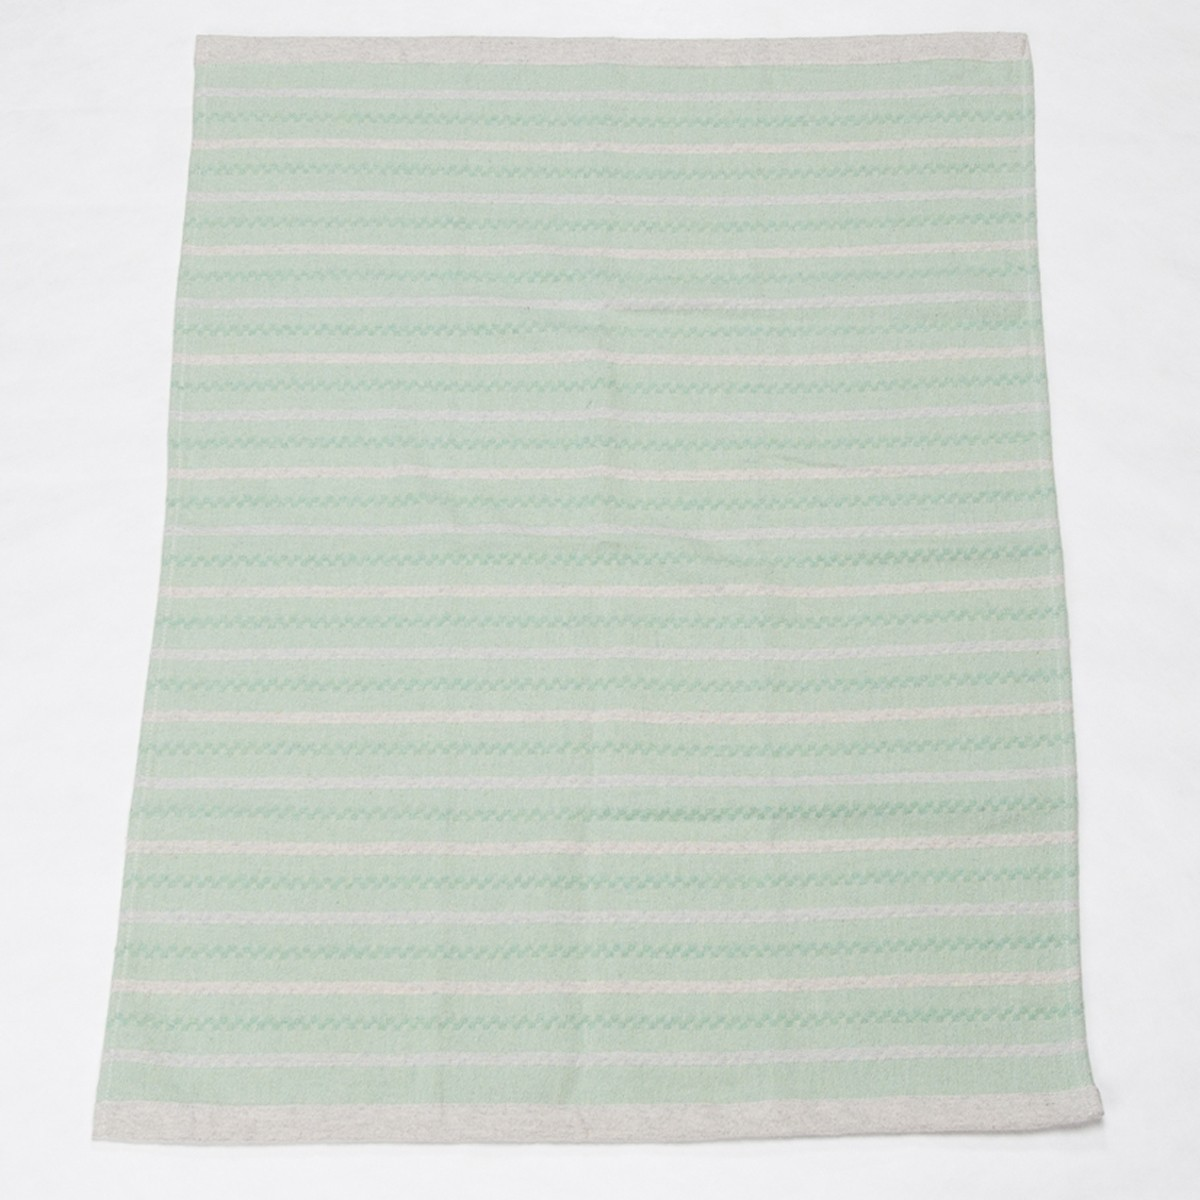 Κουβέρτα Fleece Αγκαλιάς David Fussenegger Ida 2811/54 home   βρεφικά   κουβέρτες βρεφικές   κουβέρτες fleece